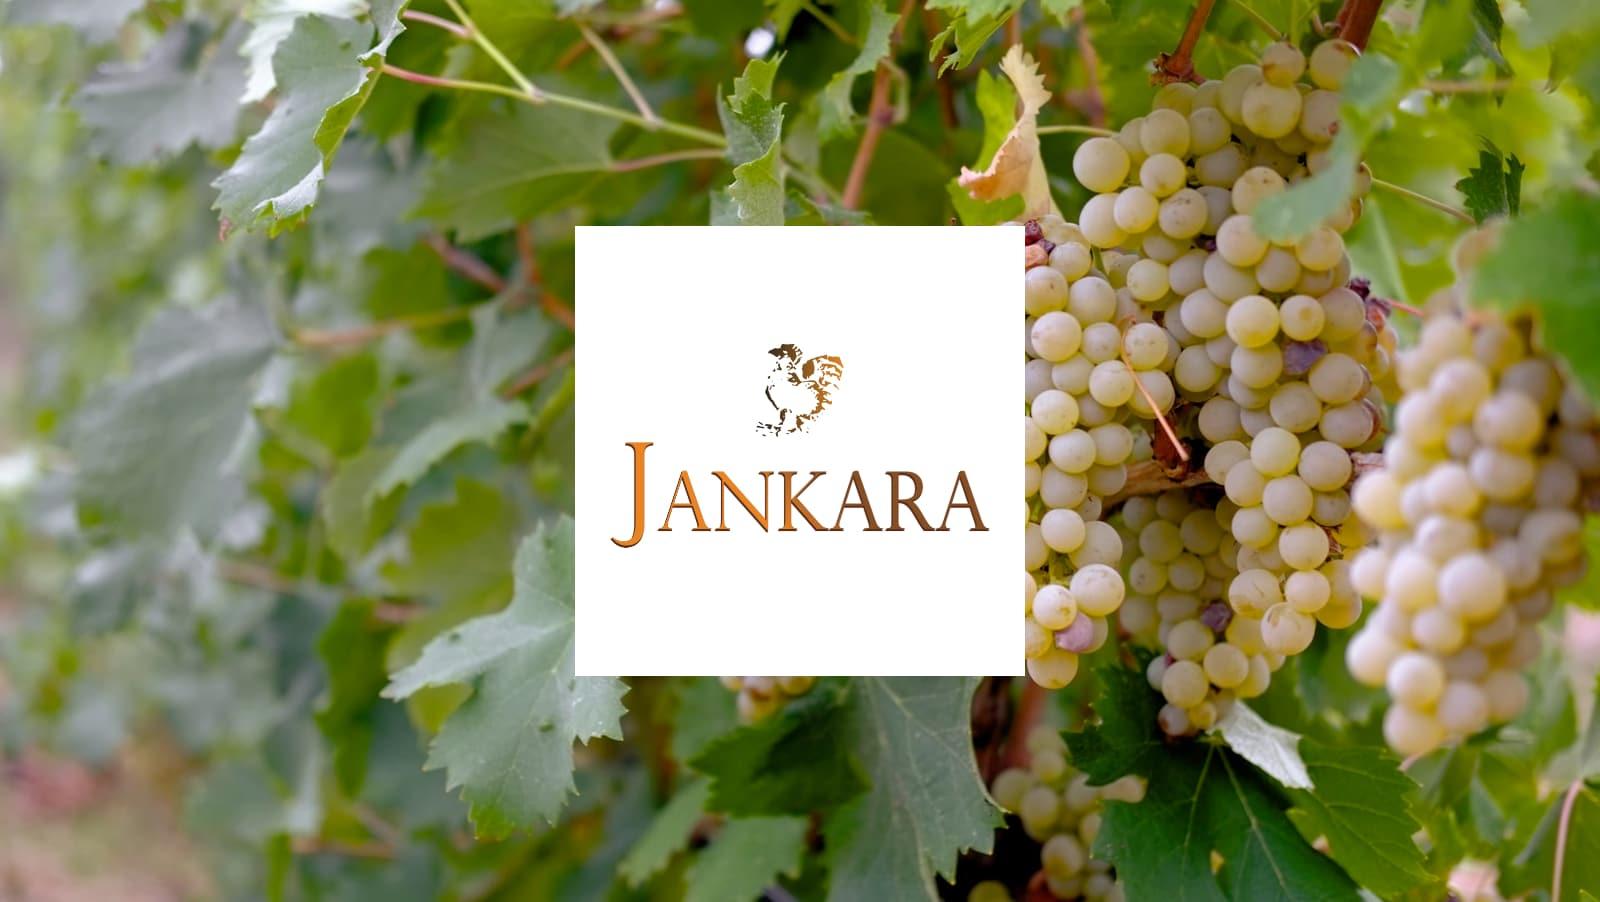 grappoli di uva vermentino nel vigneto Jankara